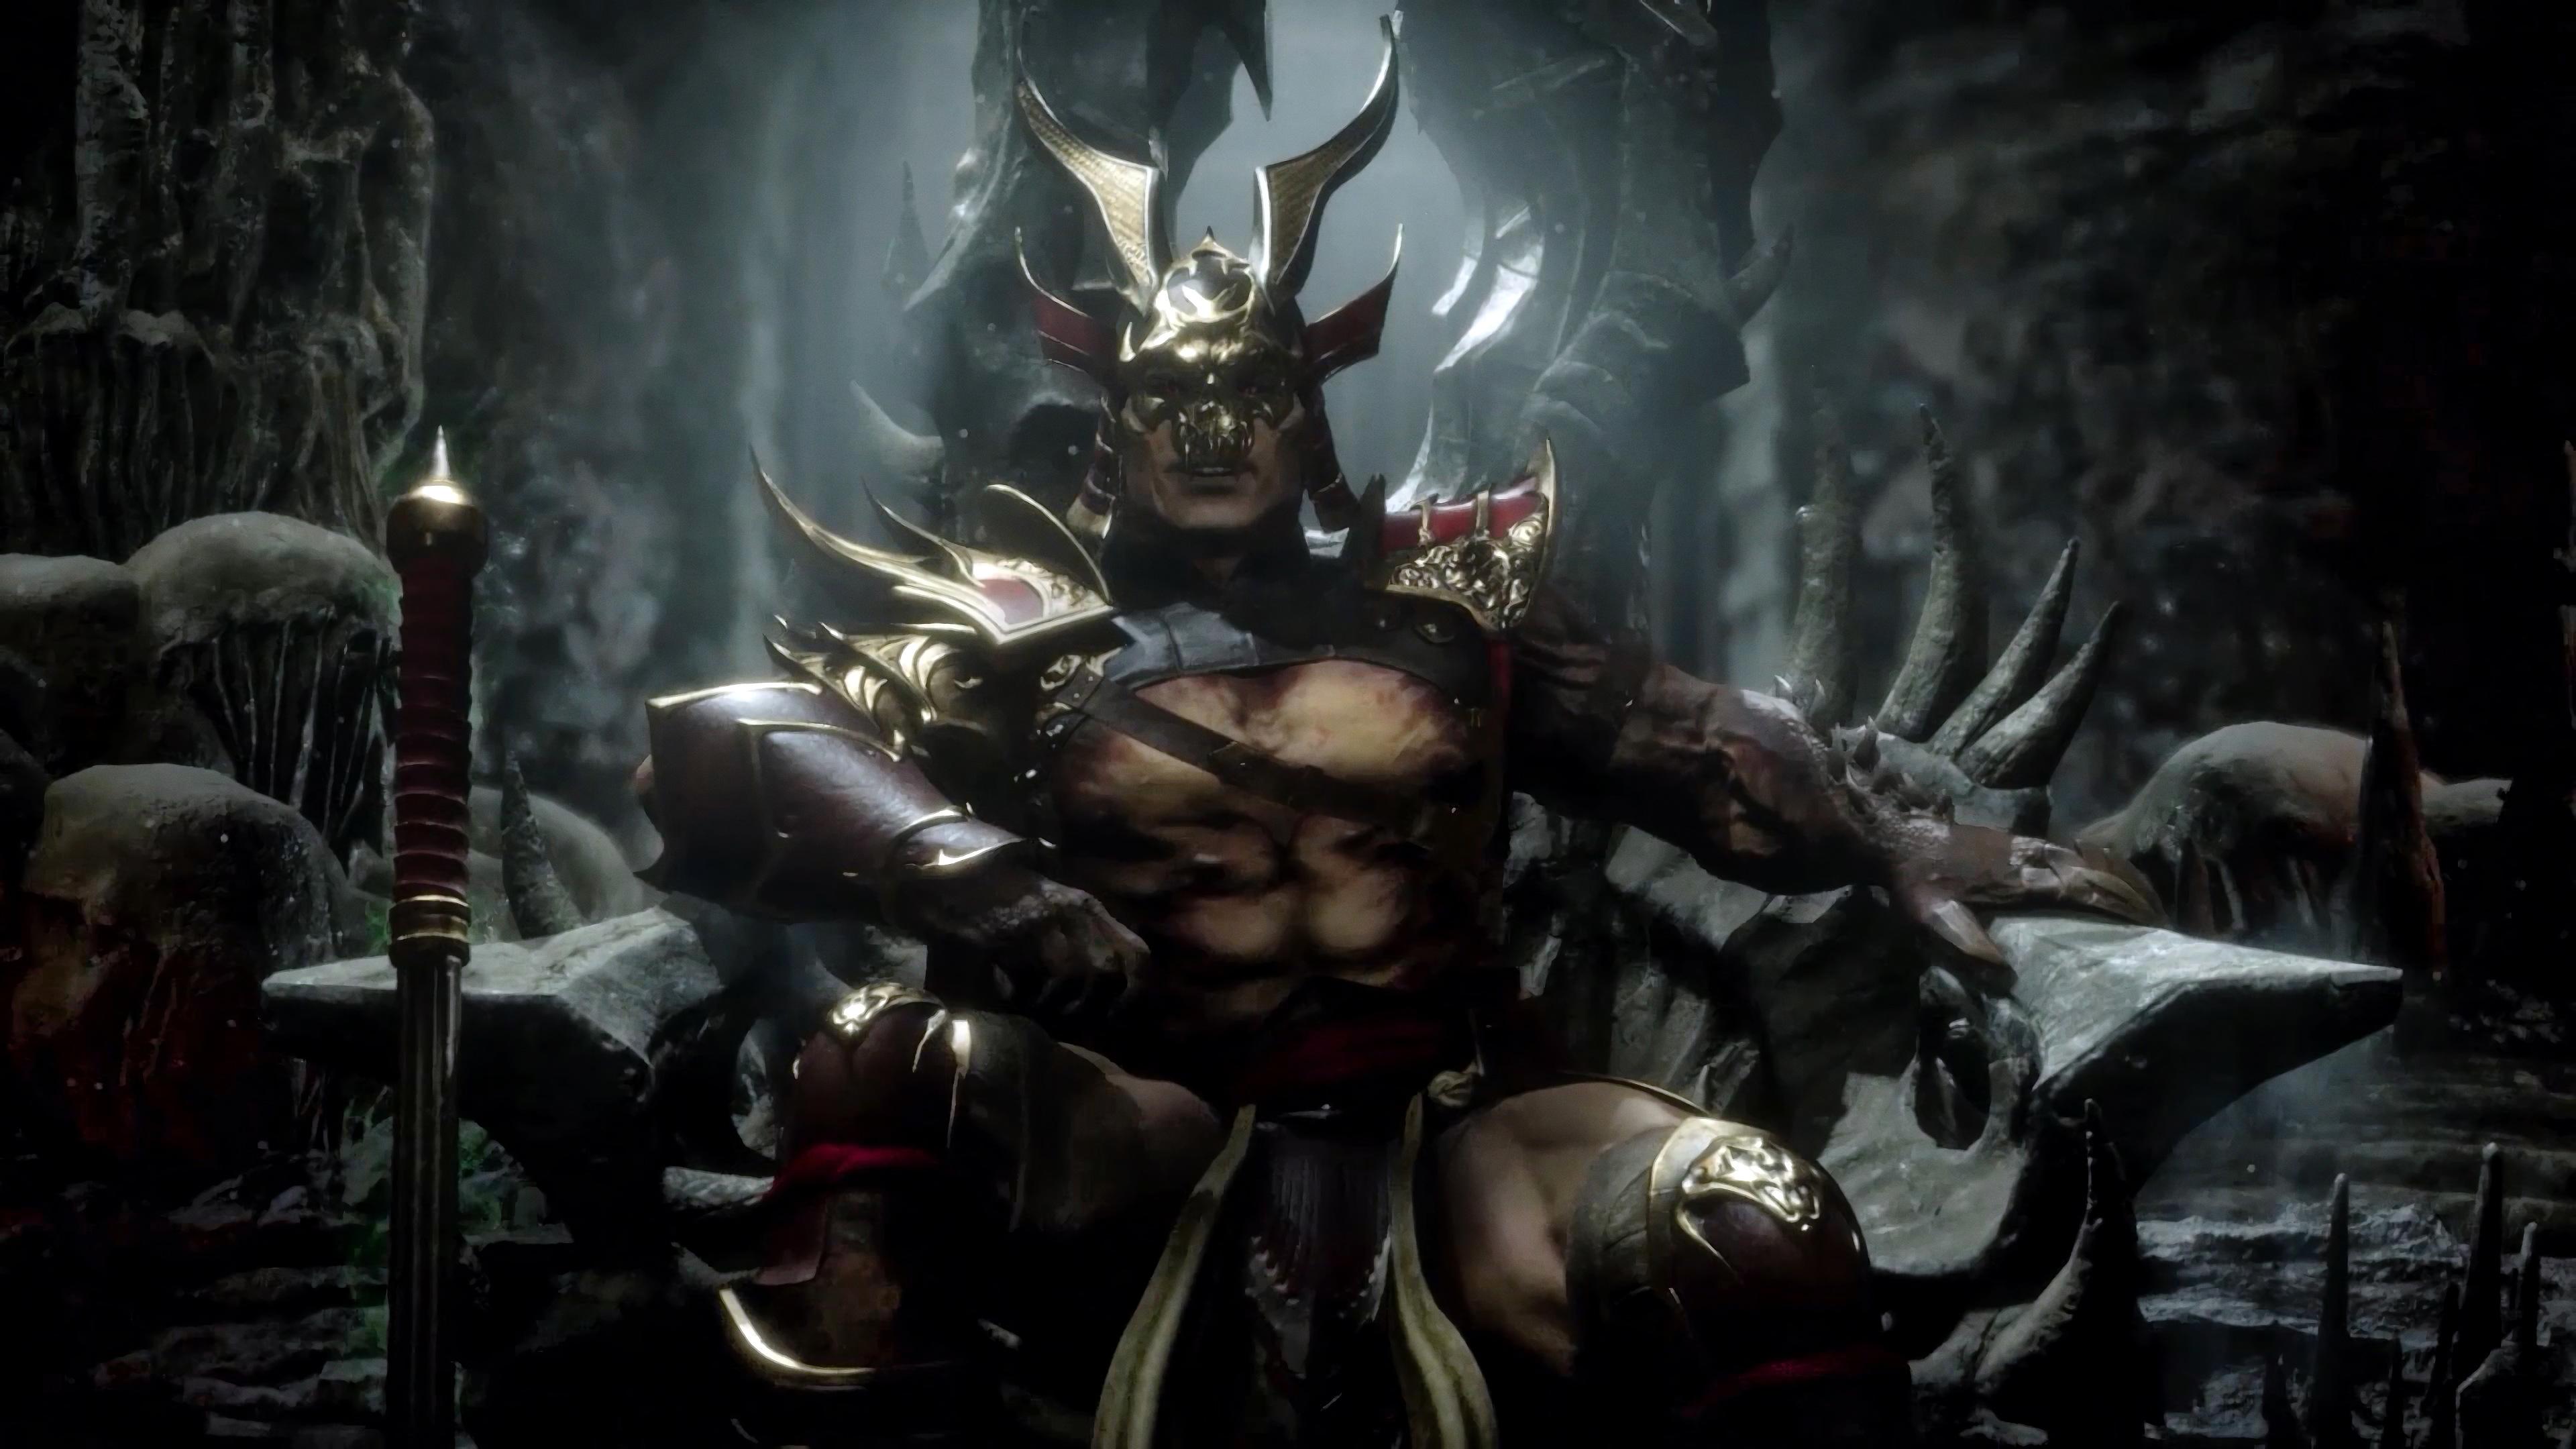 Обои Mortal kombat. Игры foto 18